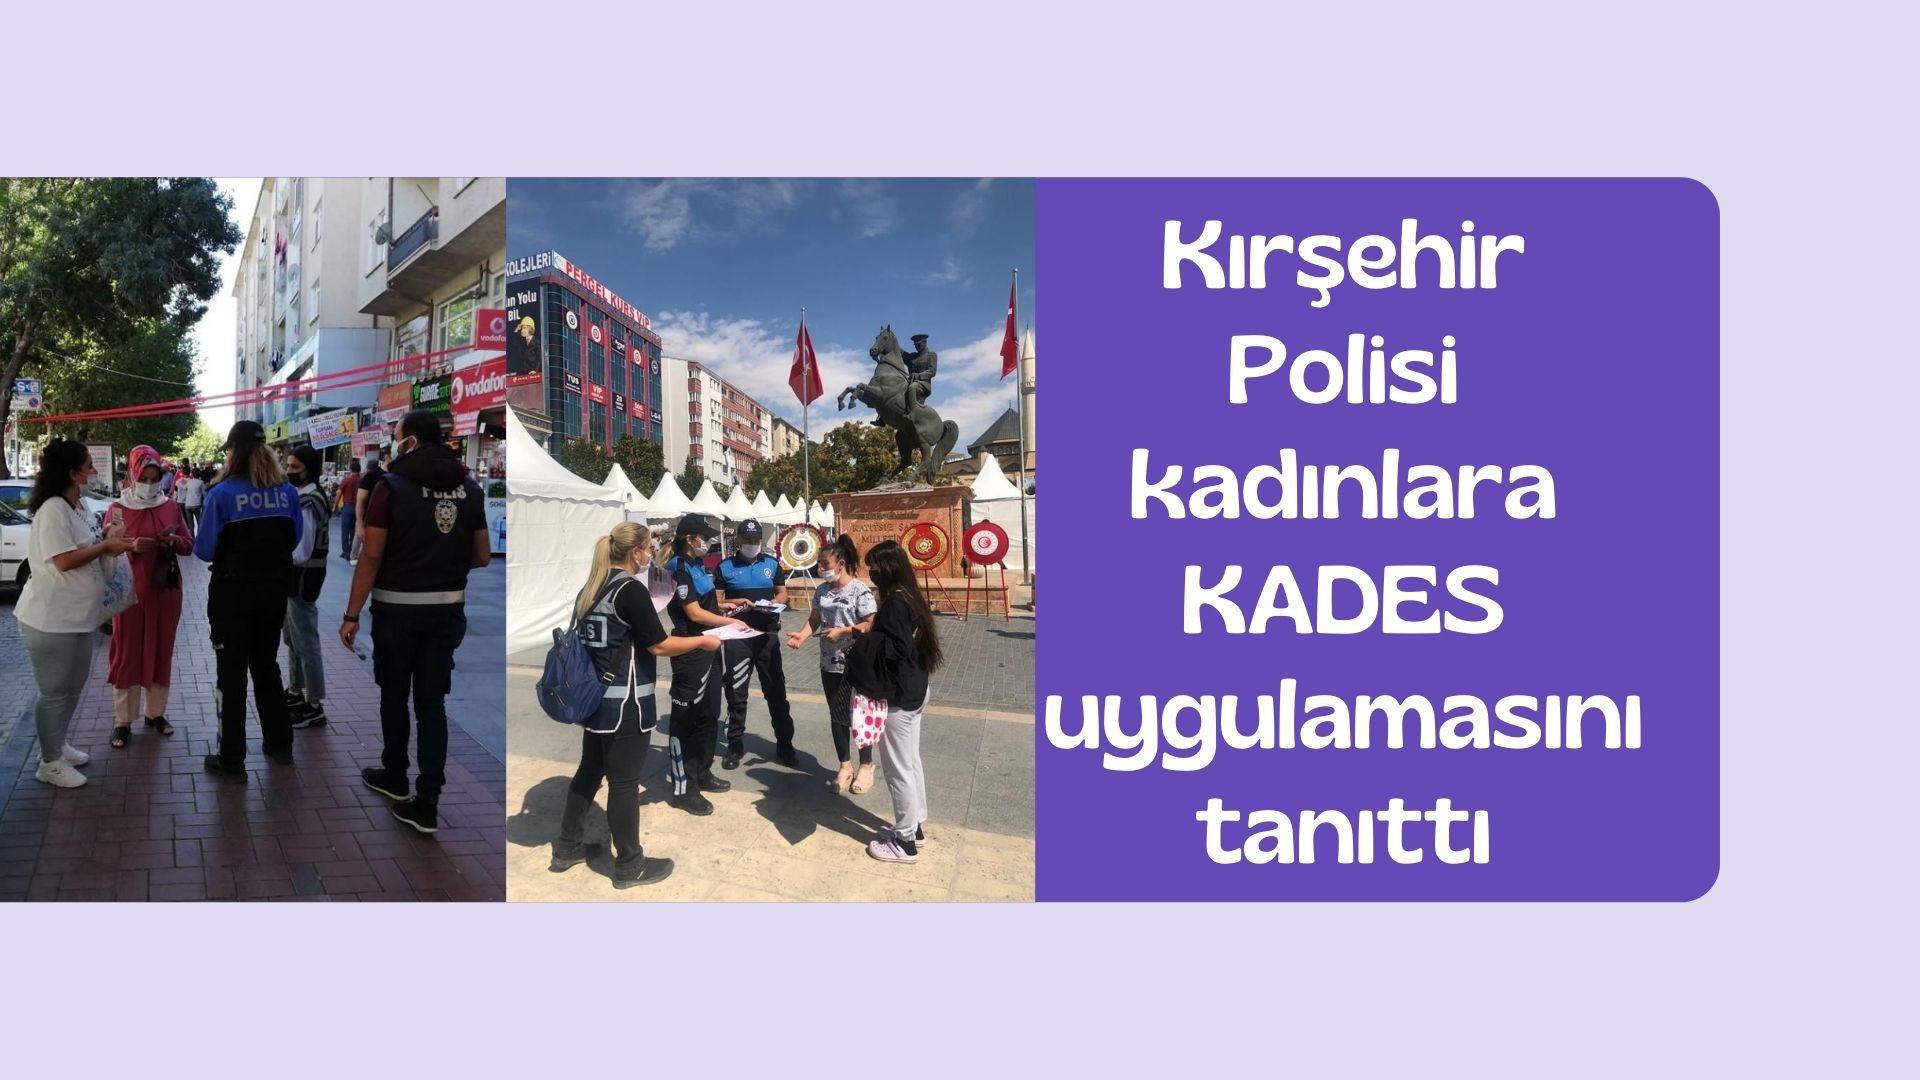 Kırşehir Polisi kadınlara KADES uygulamasını tanıttı